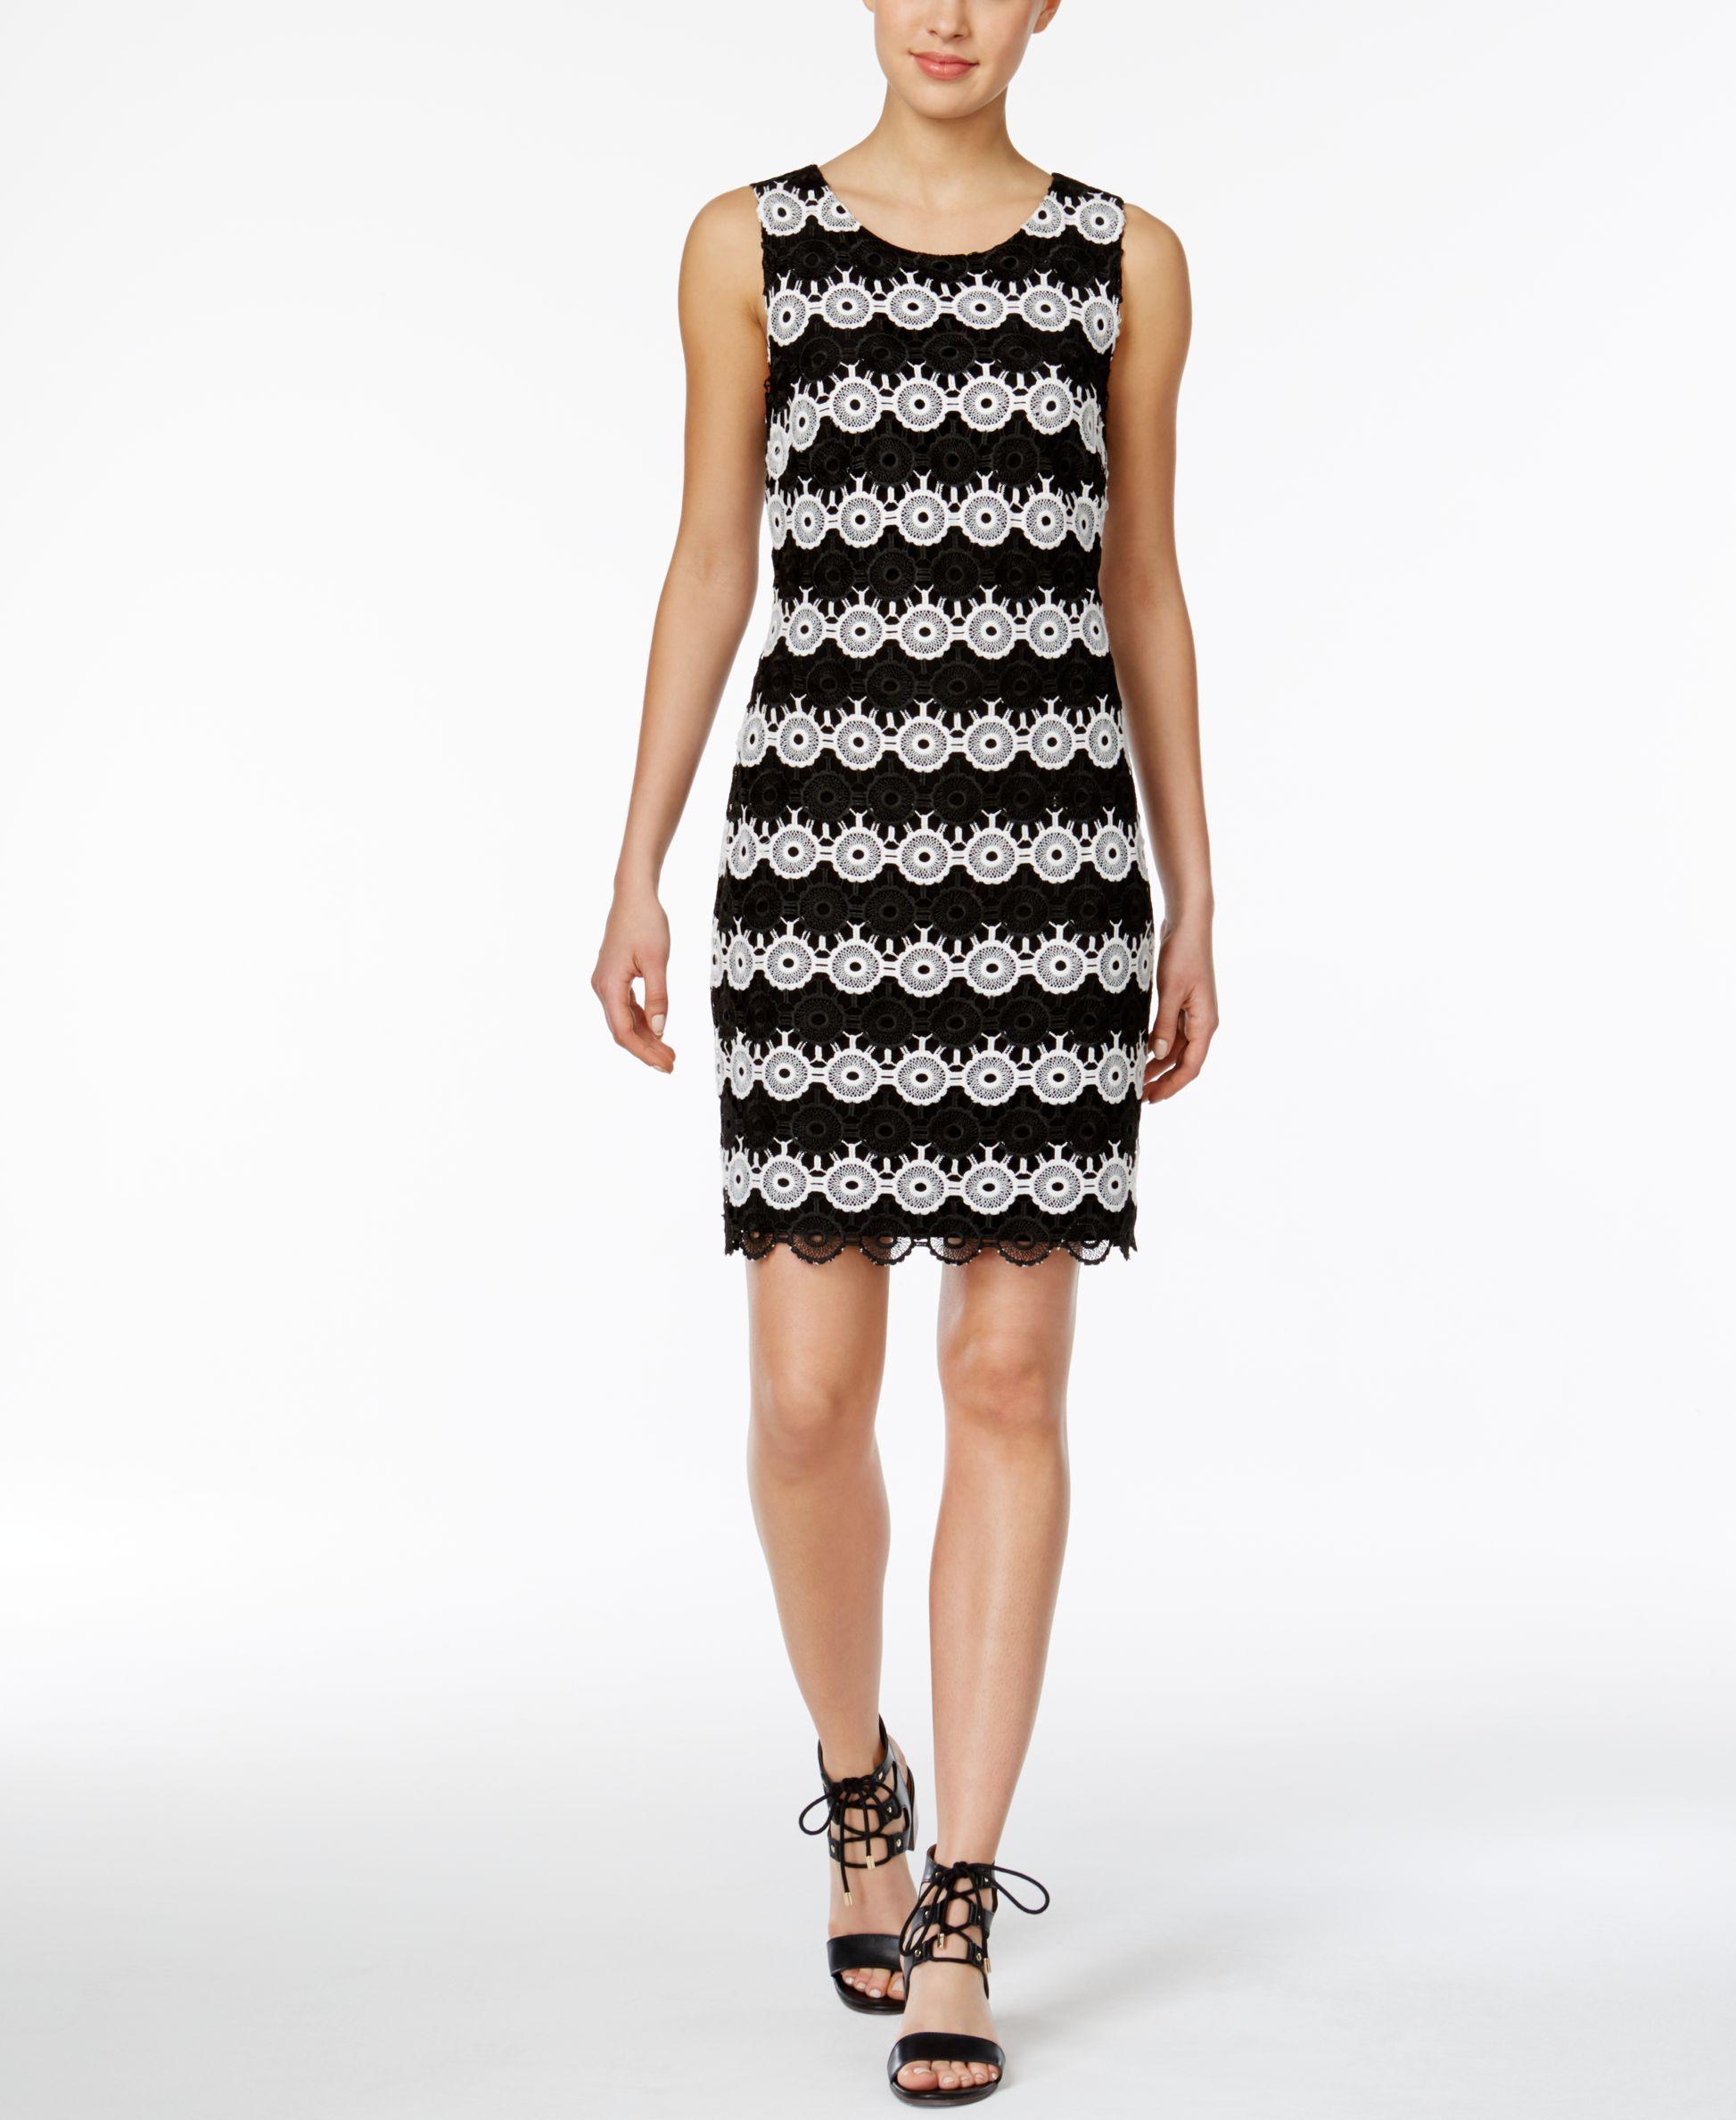 Tommy Hilfiger Circle Lace Sheath Dress